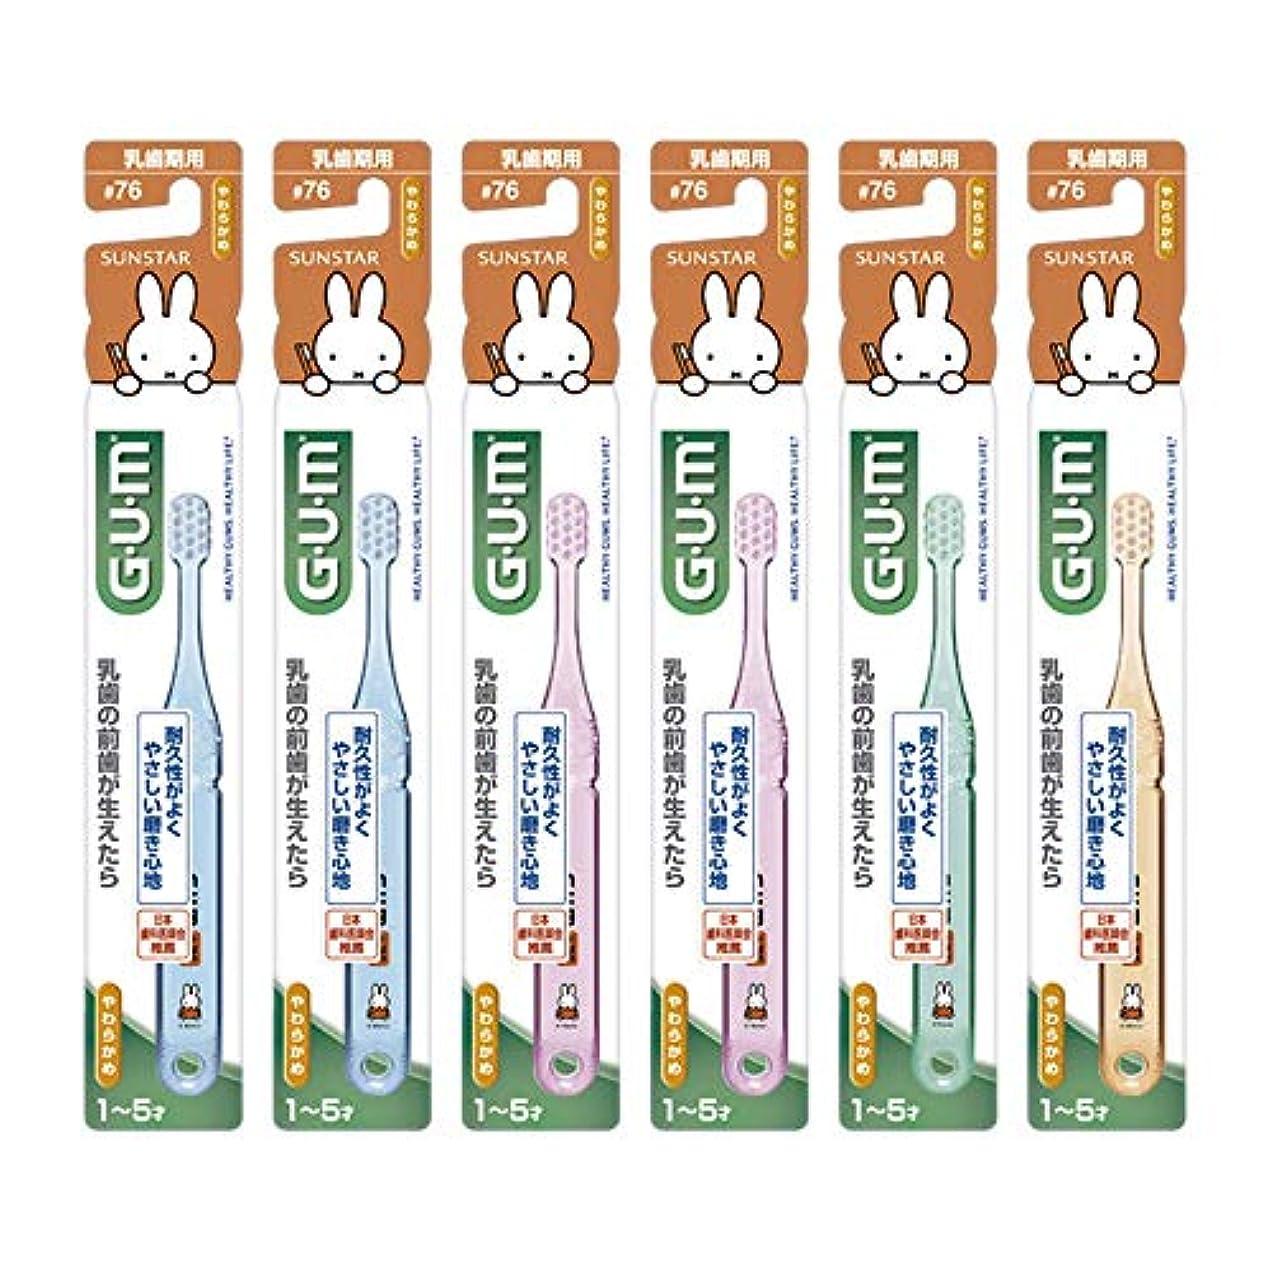 バブル必需品引き出しGUM(ガム) デンタル こども 歯ブラシ #76 [乳歯期用/やわらかめ] 6本パック+ おまけつき【Amazon.co.jp限定】